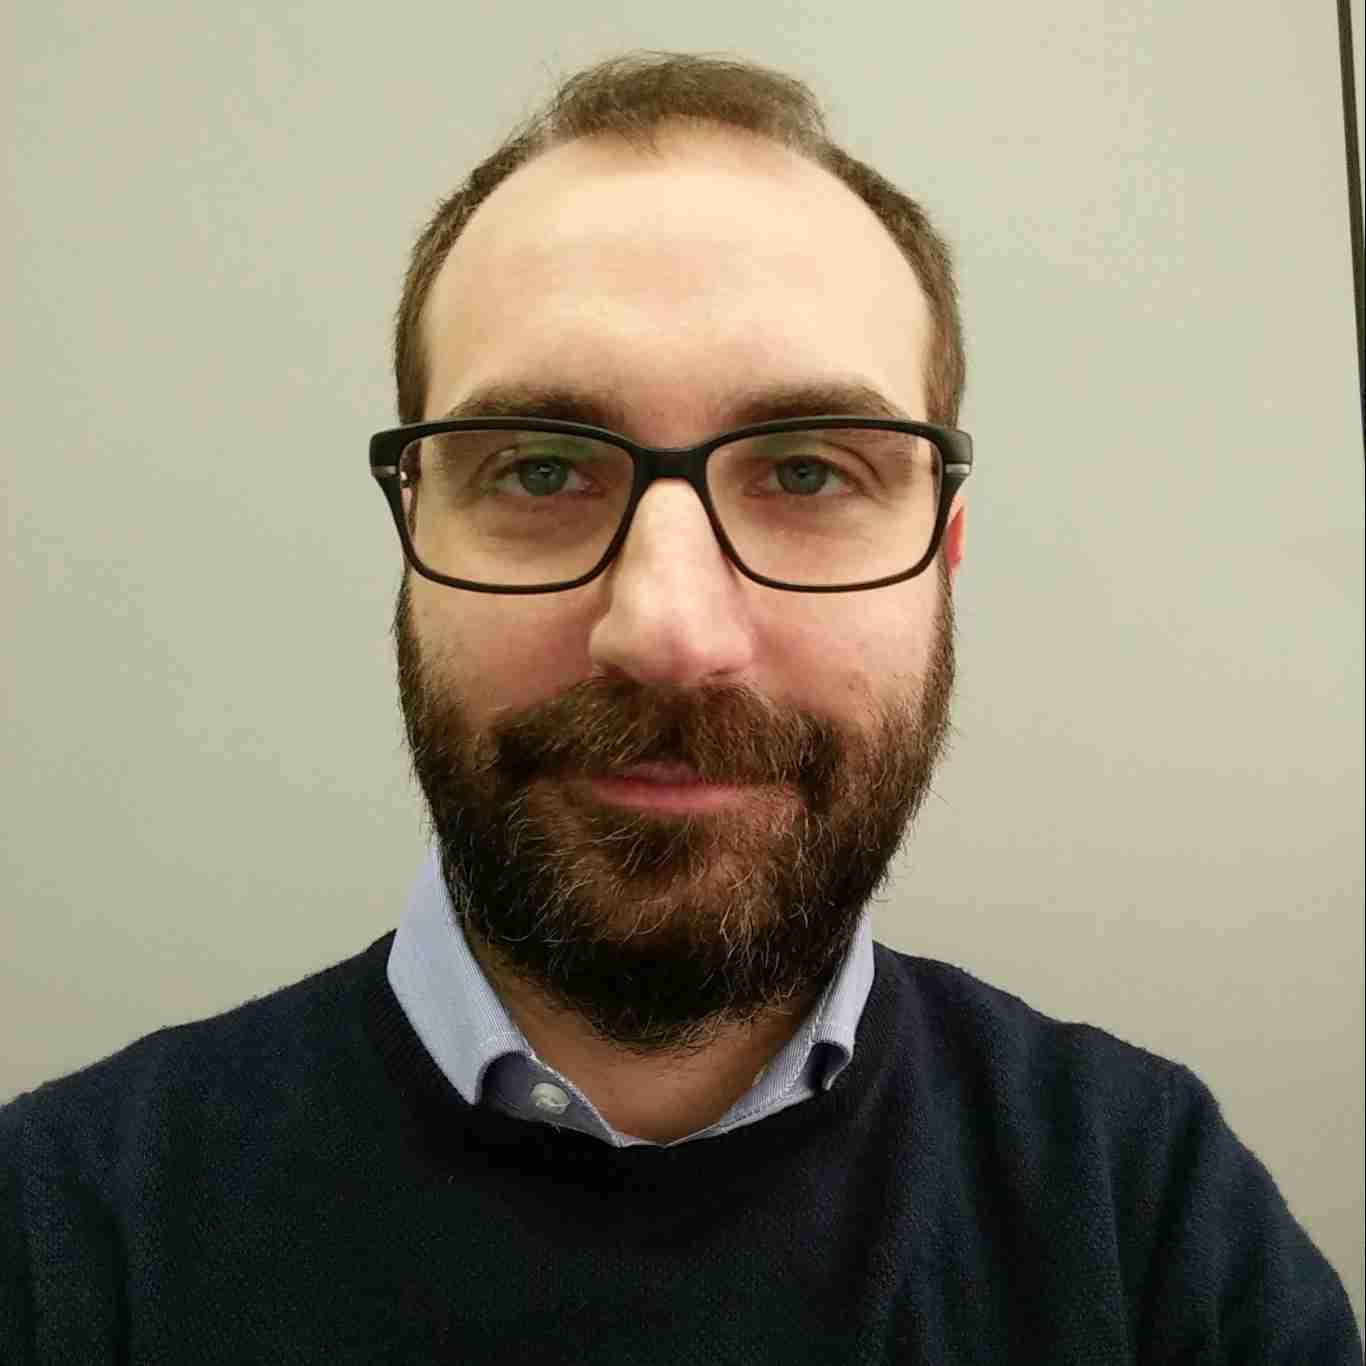 Fabio Calefato